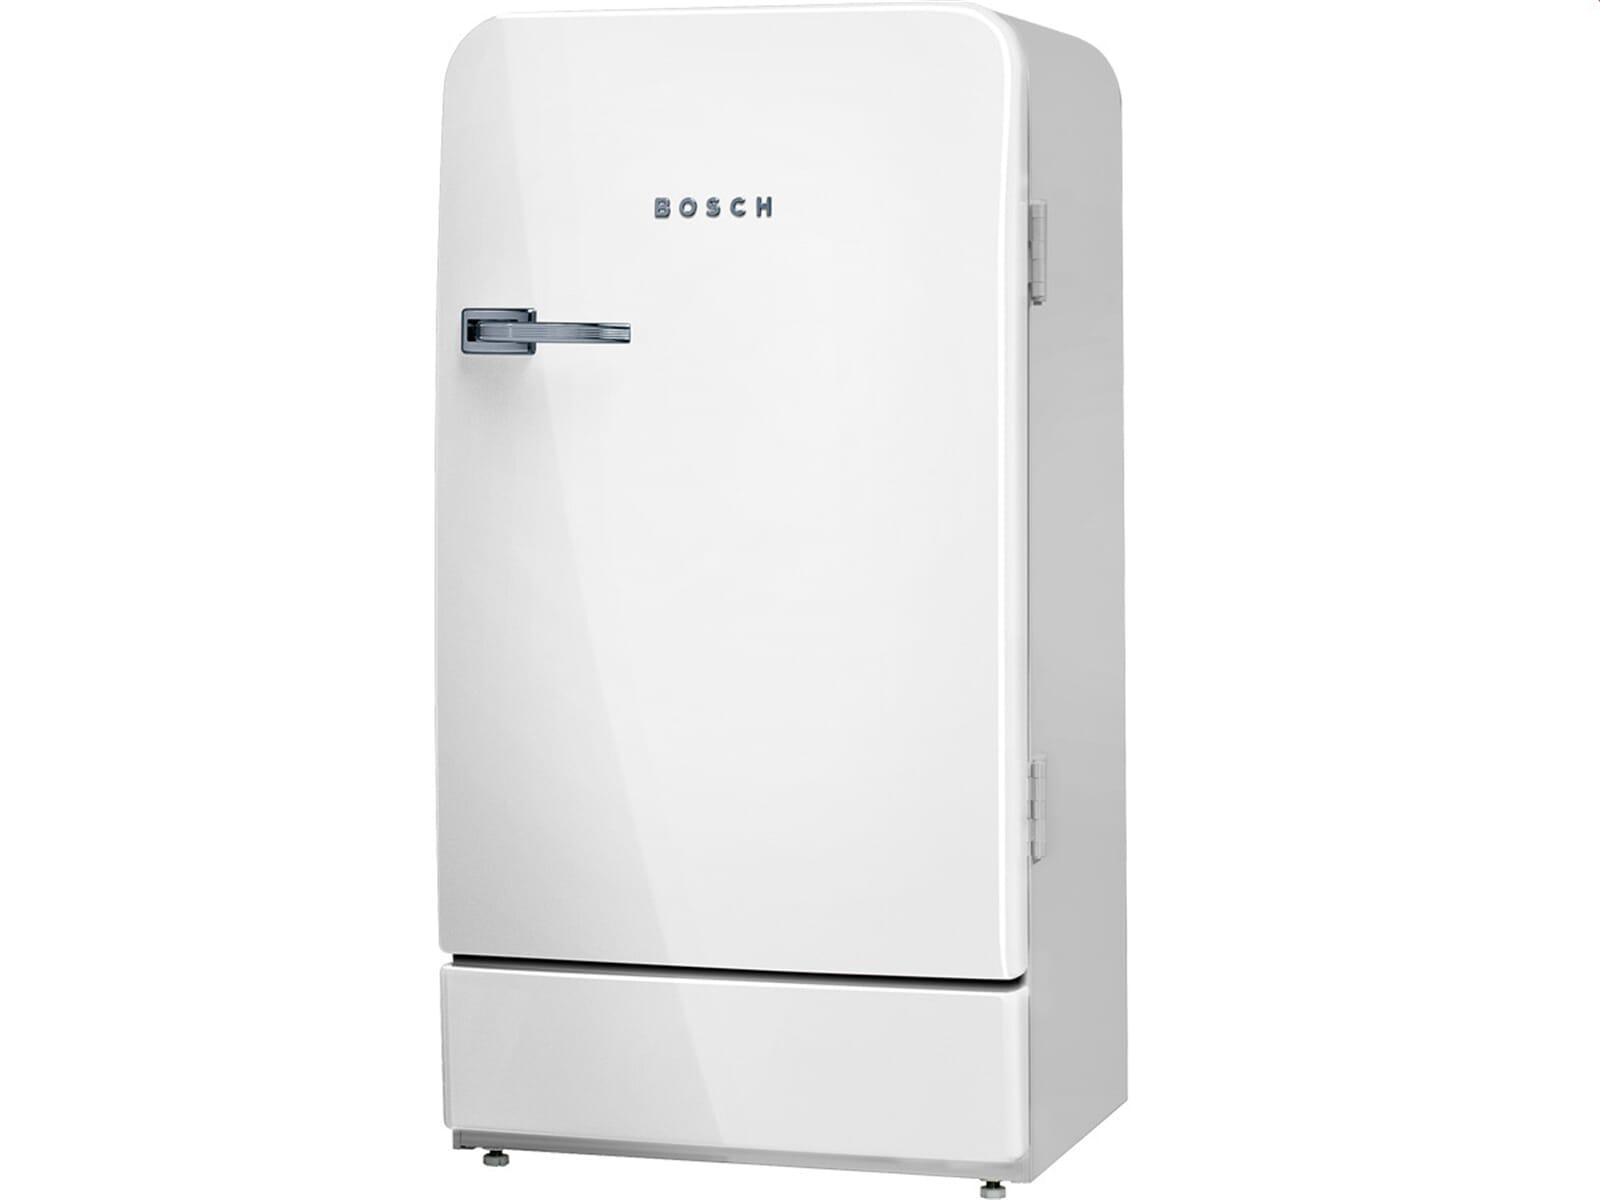 Bosch ksl20aw30 standkuhlschrank weiss for Bosch standkühlschrank